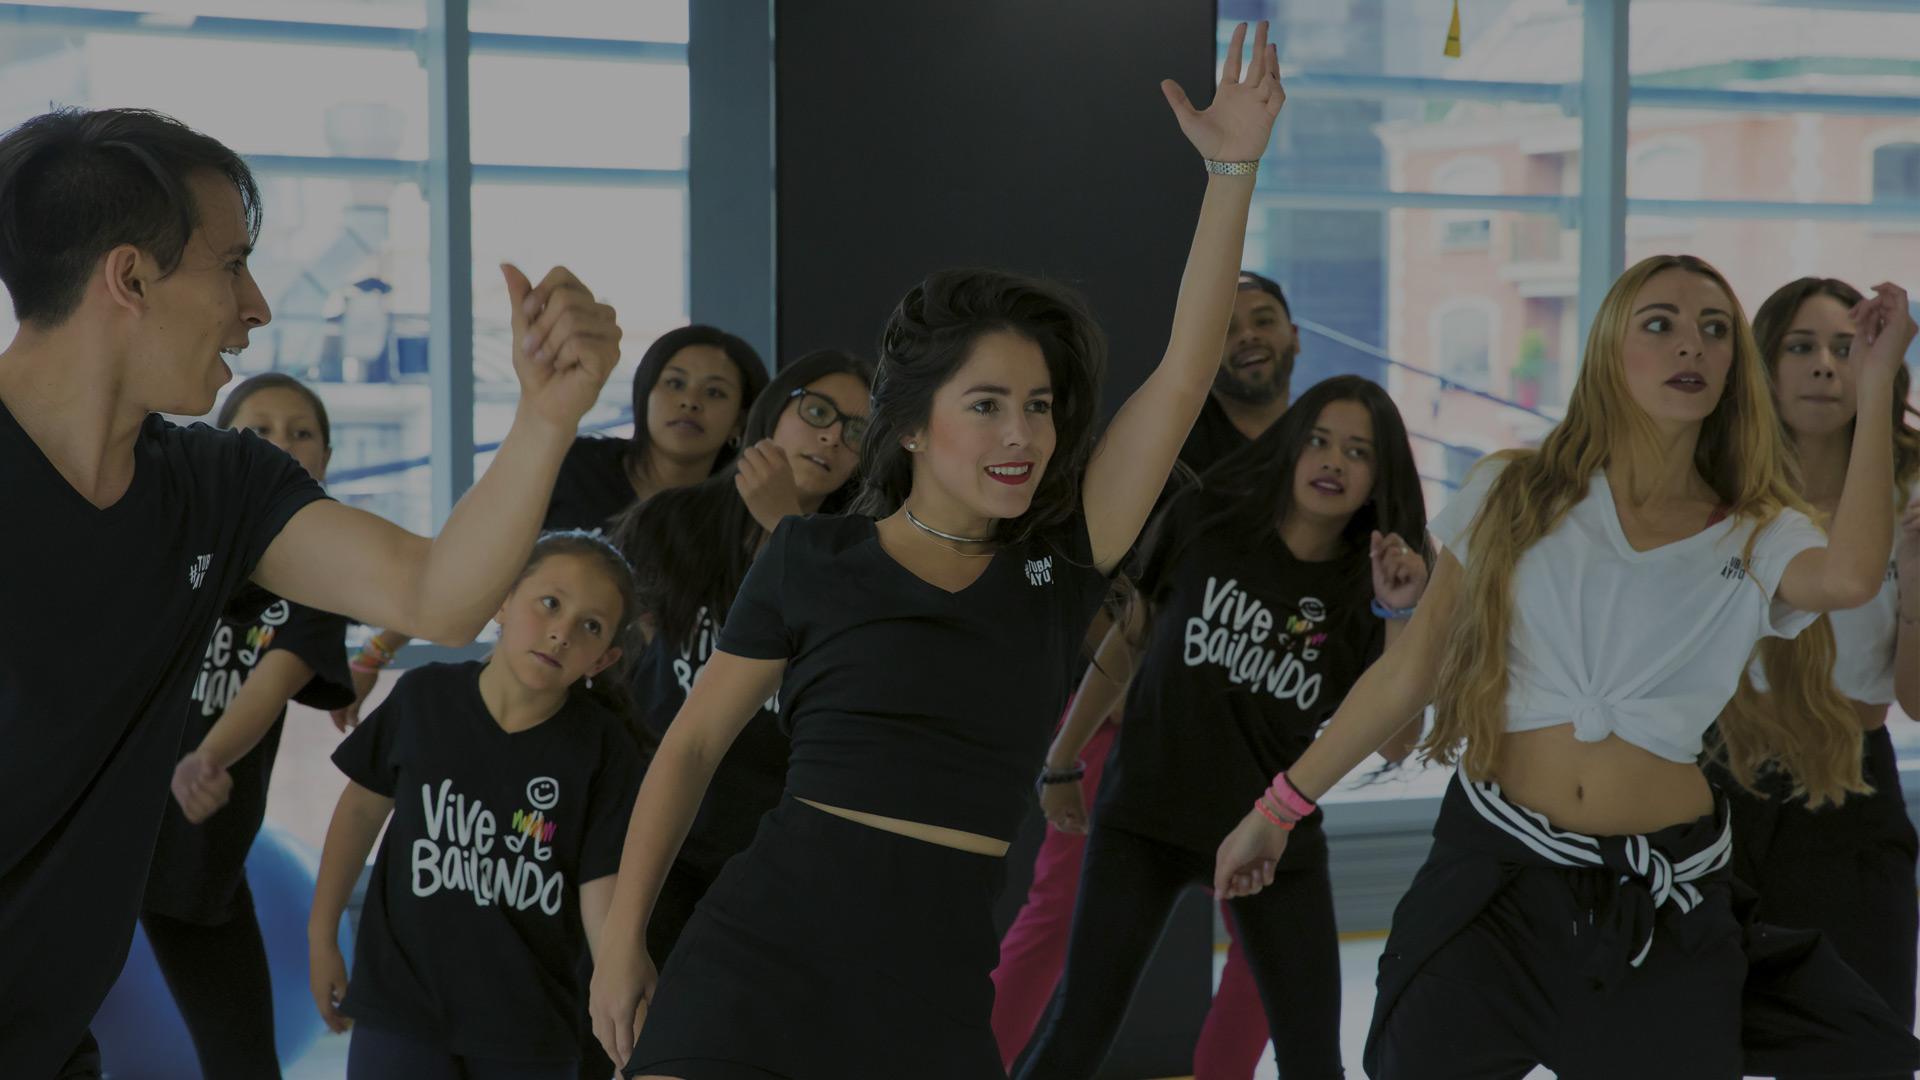 Academia Vive Bailando